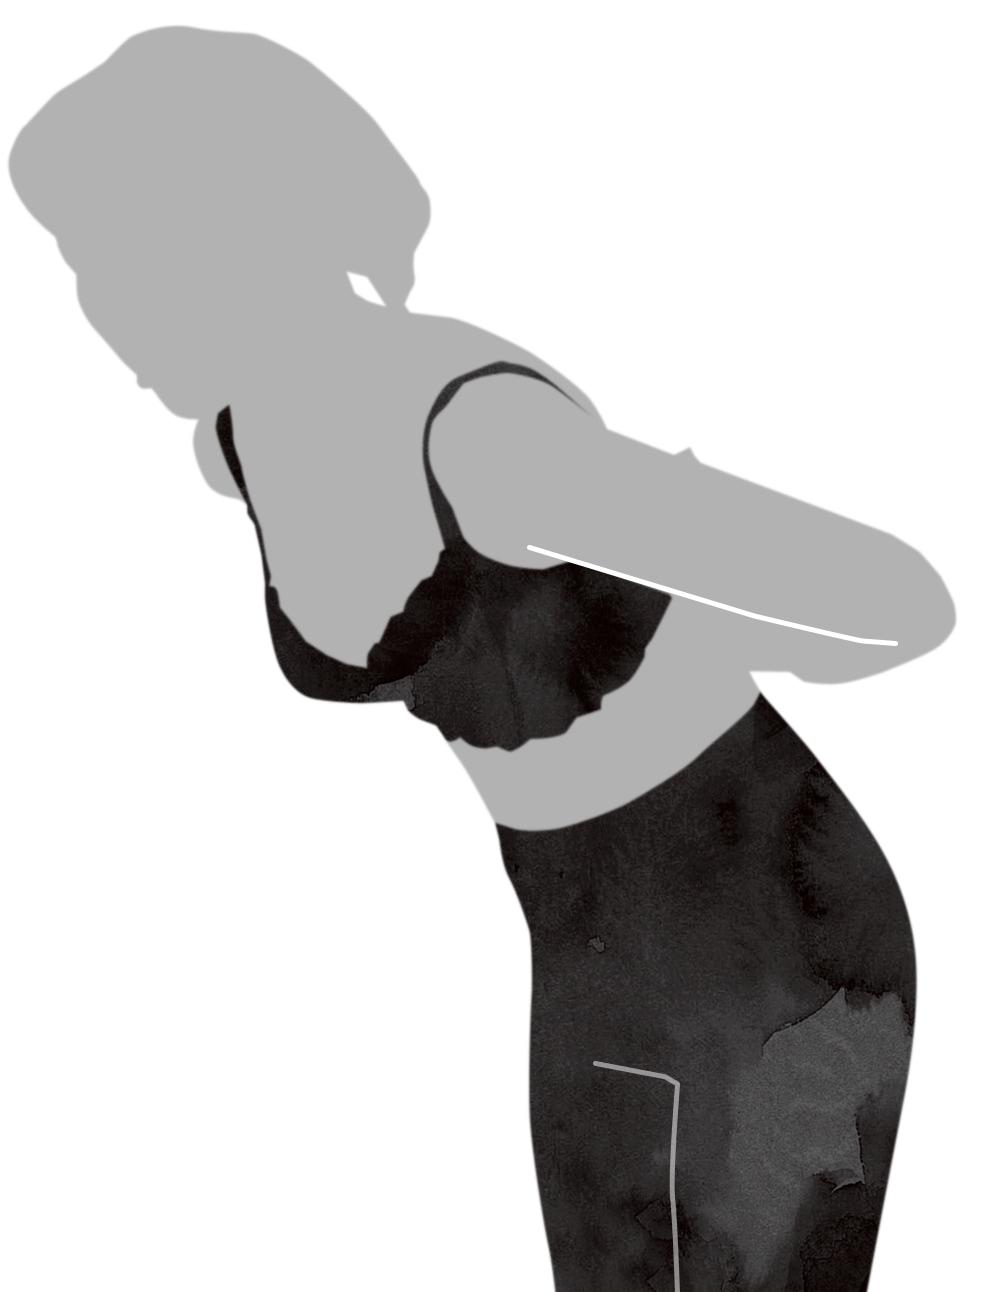 ブラジャーの着用方法②